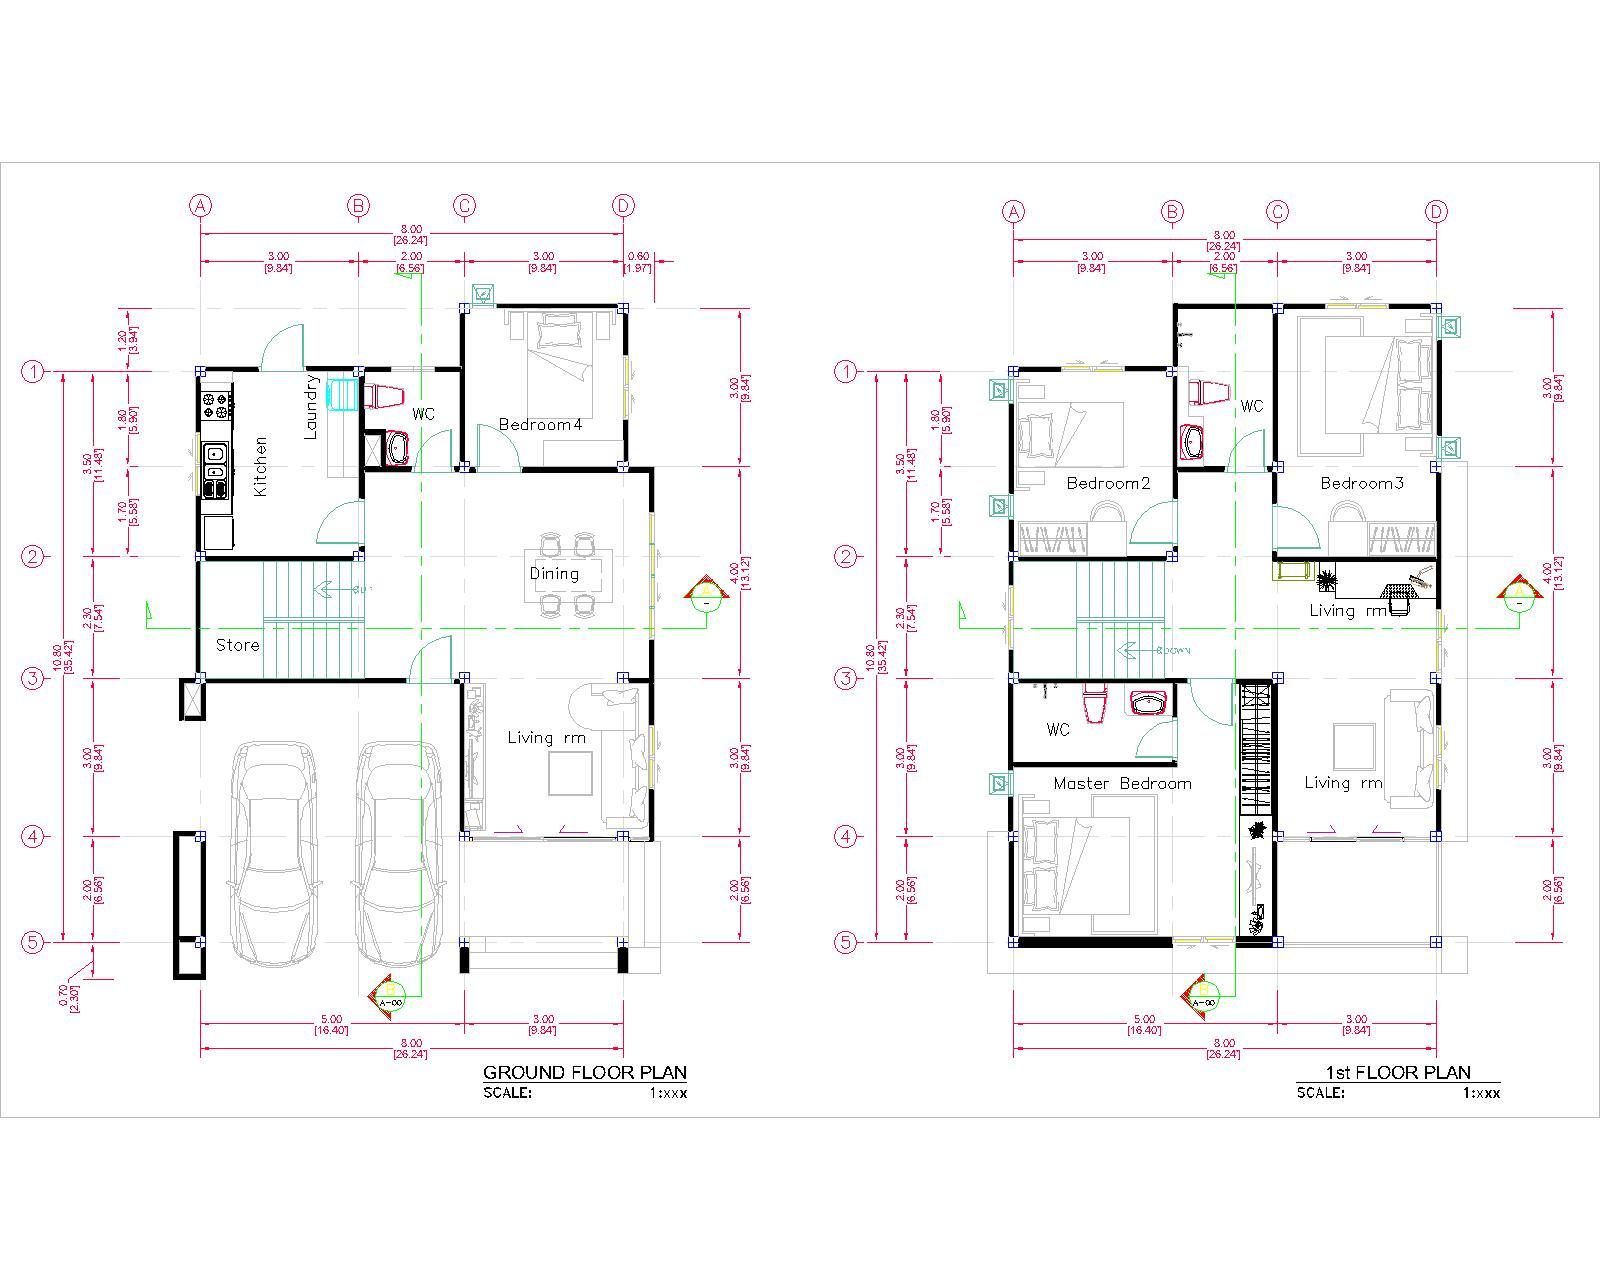 27x40 House Plans 8x10 Meters 4 Bedrooms floor plan